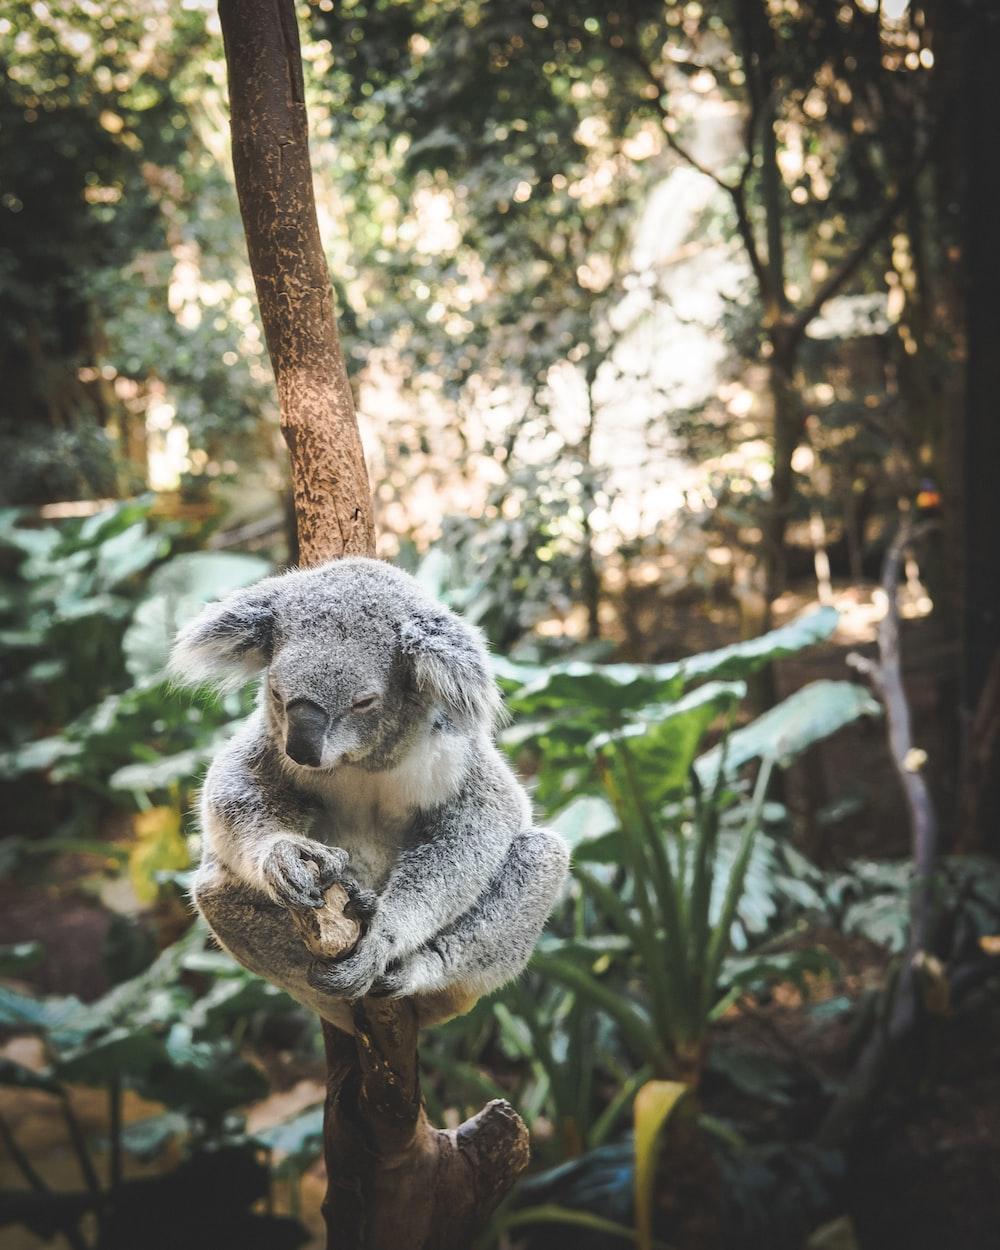 koala sitting on tree branch